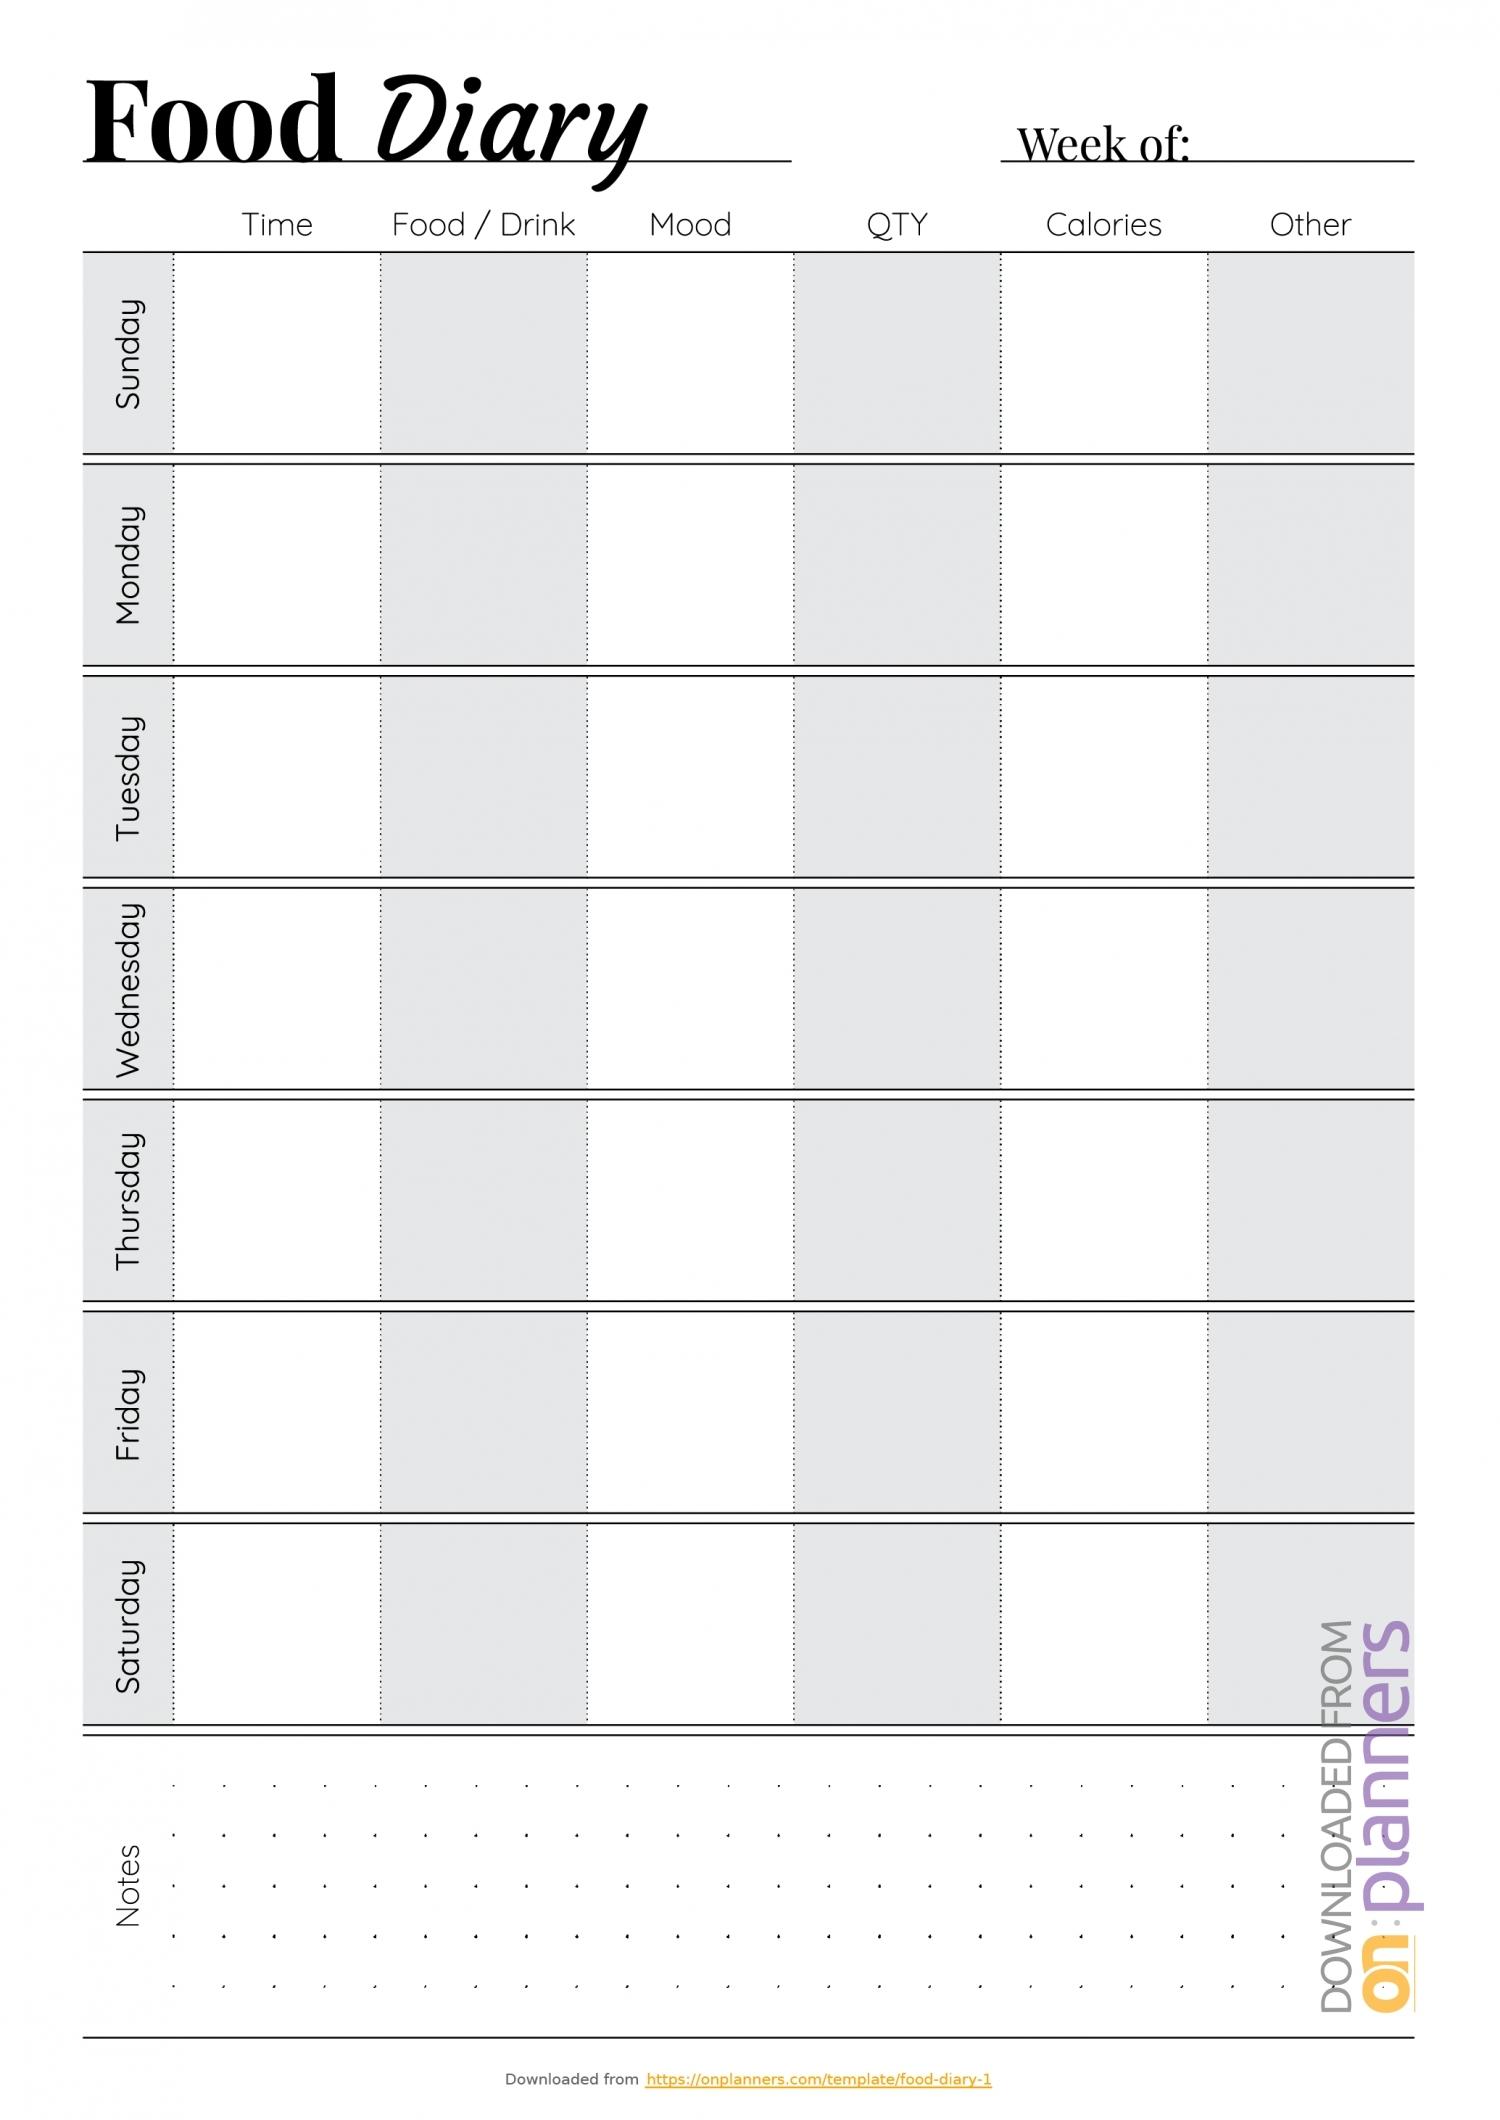 Monday Through Friday Calendar Pdf | Ten Free Printable intended for Free Monday Through Friday Calendar